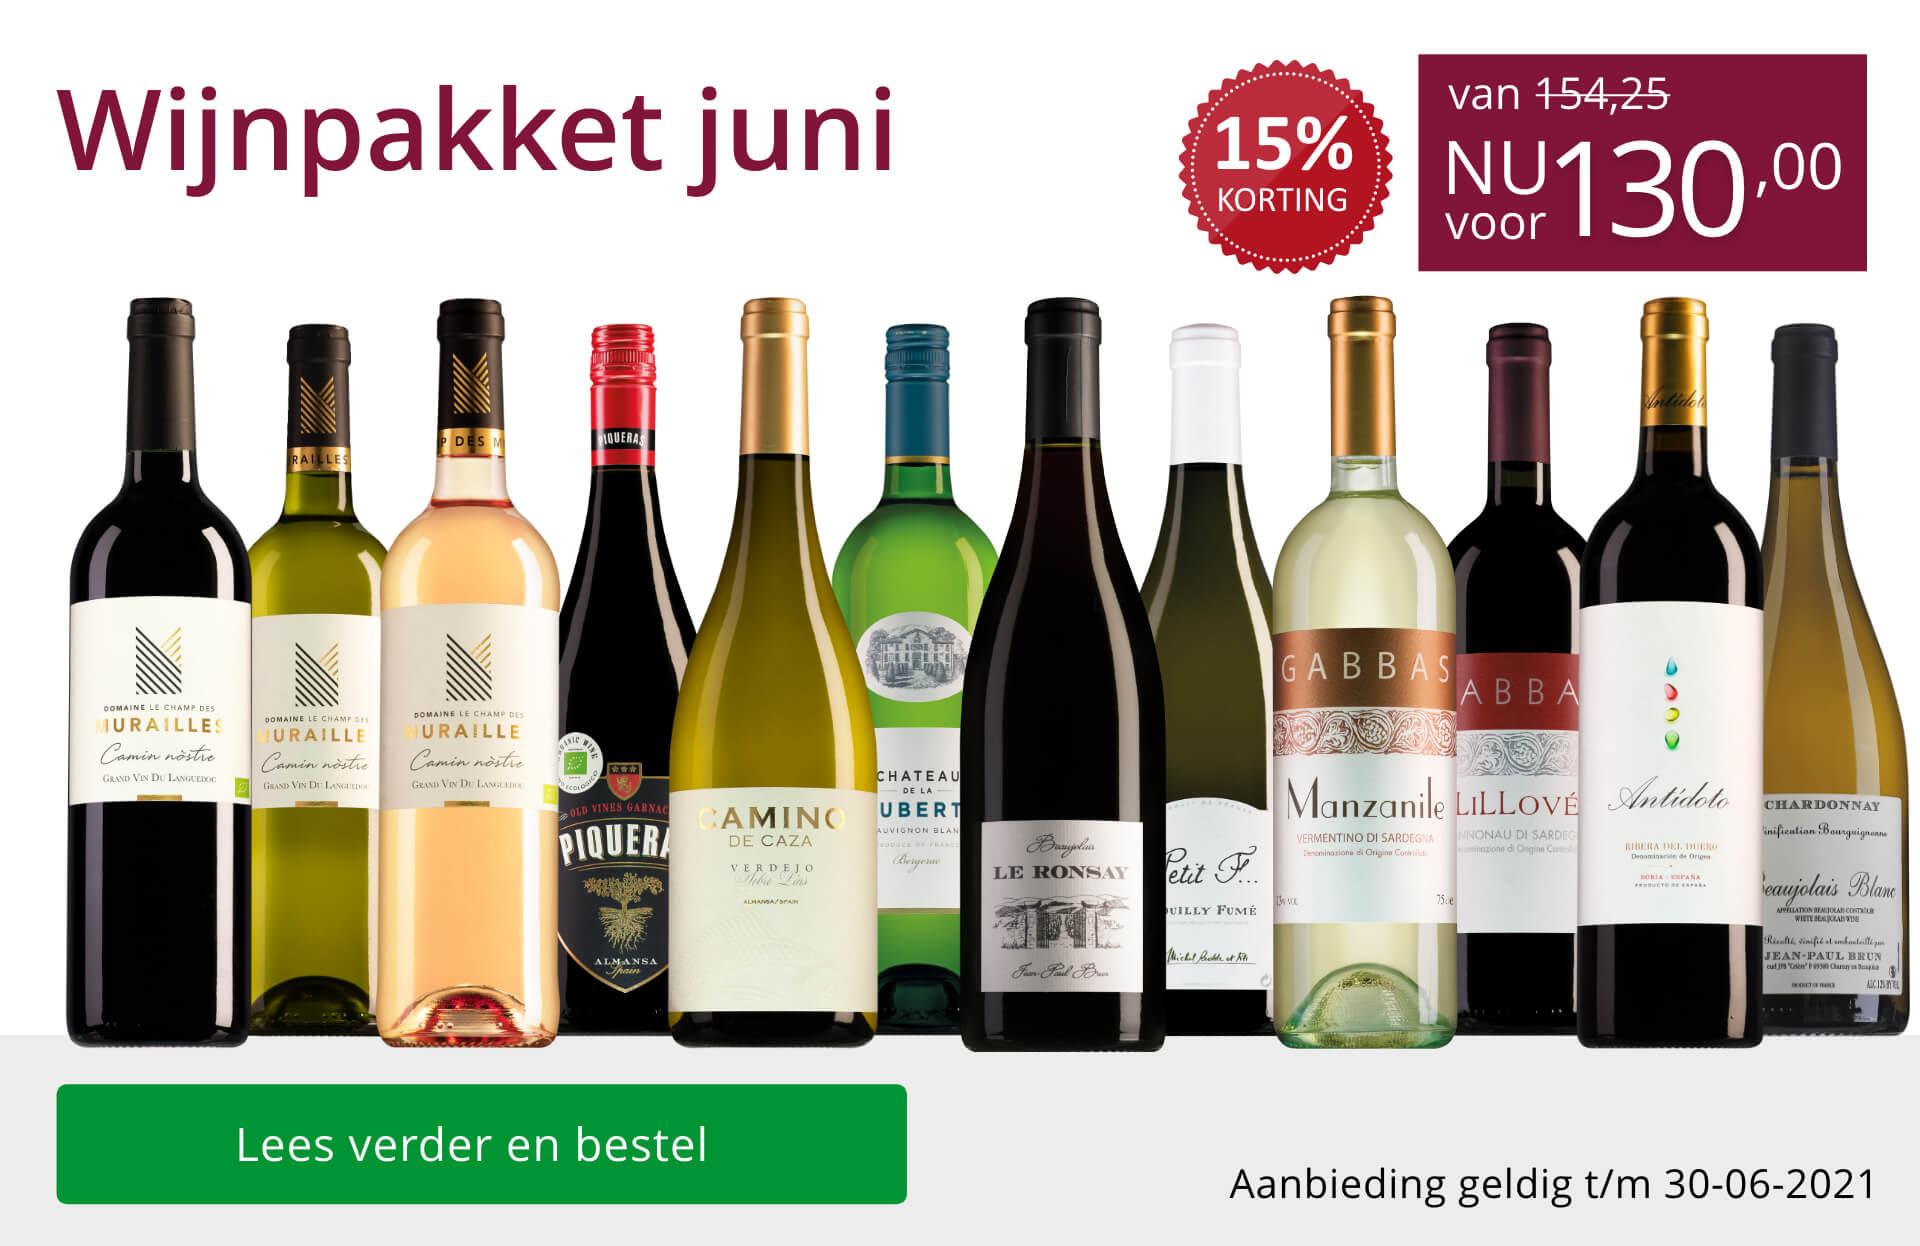 Wijnpakket wijnbericht juni 2021(130,00) - paars